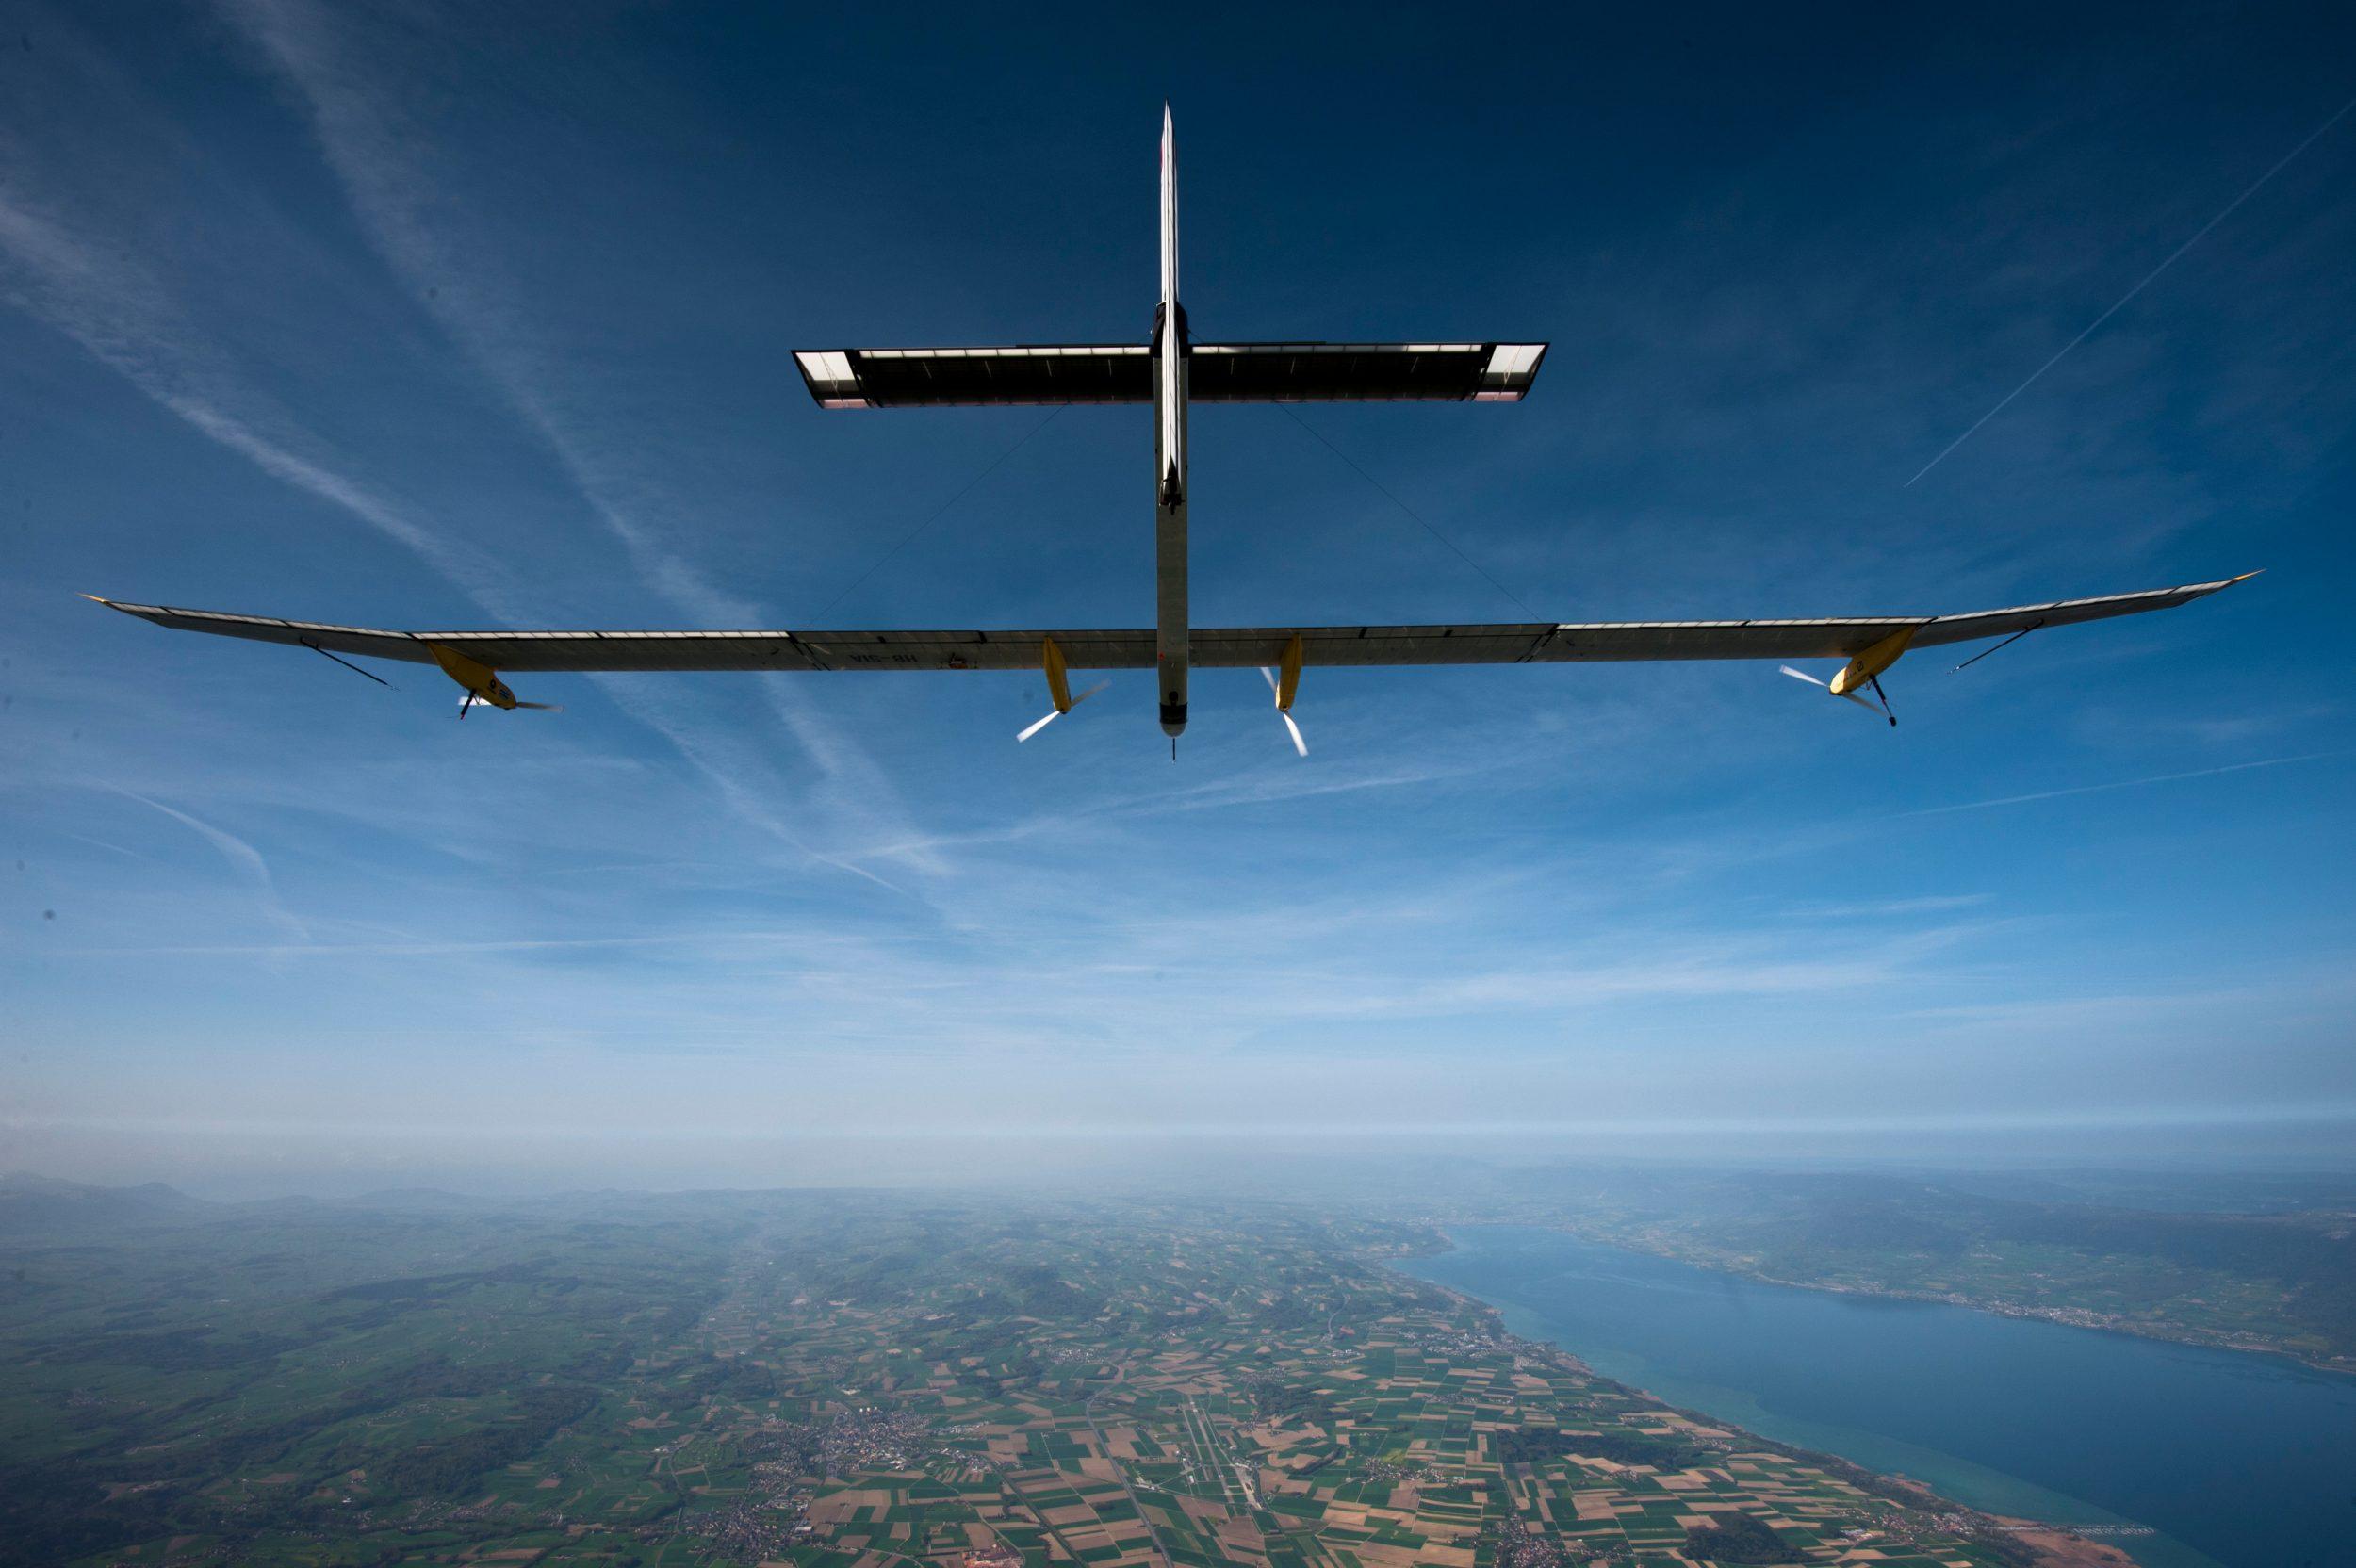 Vers un futur plus vert des avions Partie I